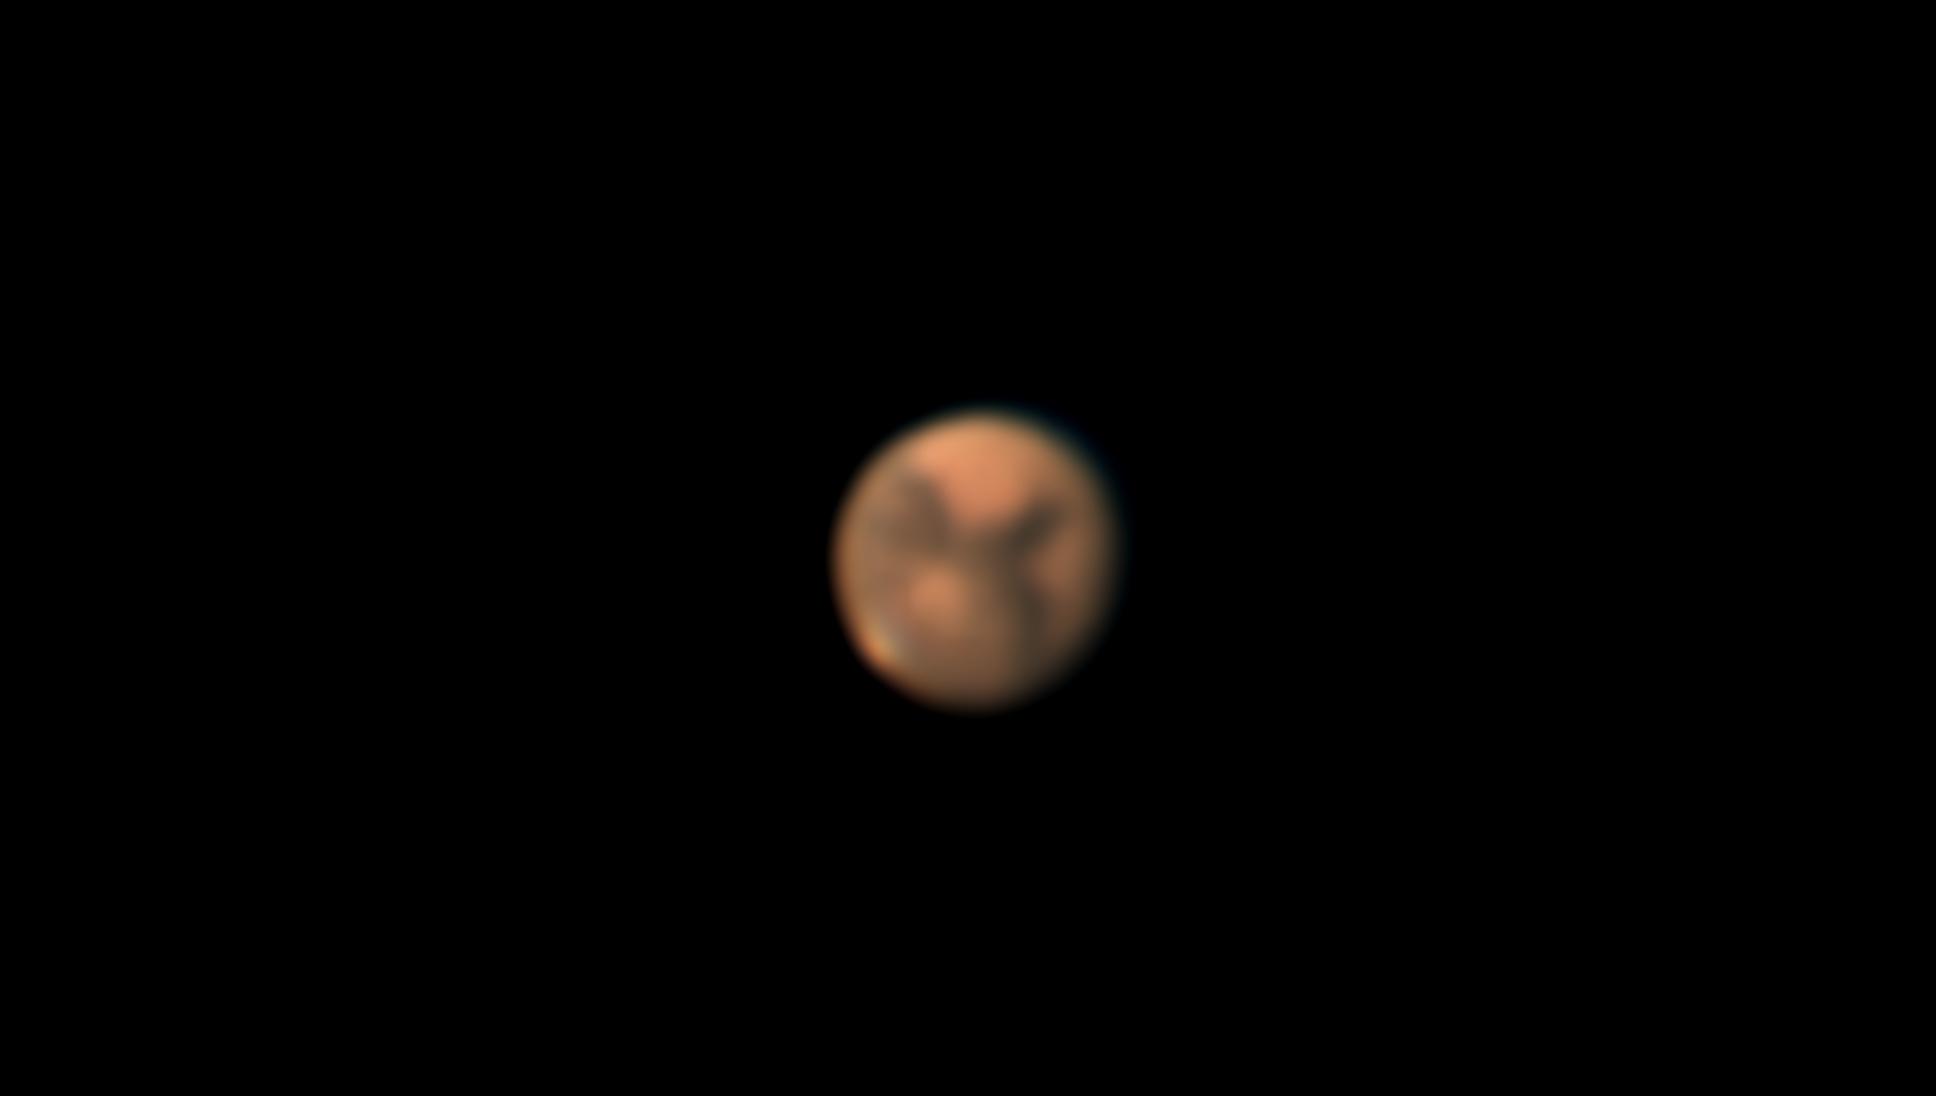 慣れない撮影、火星にチャレンジ・・・_b0100253_15375390.jpg